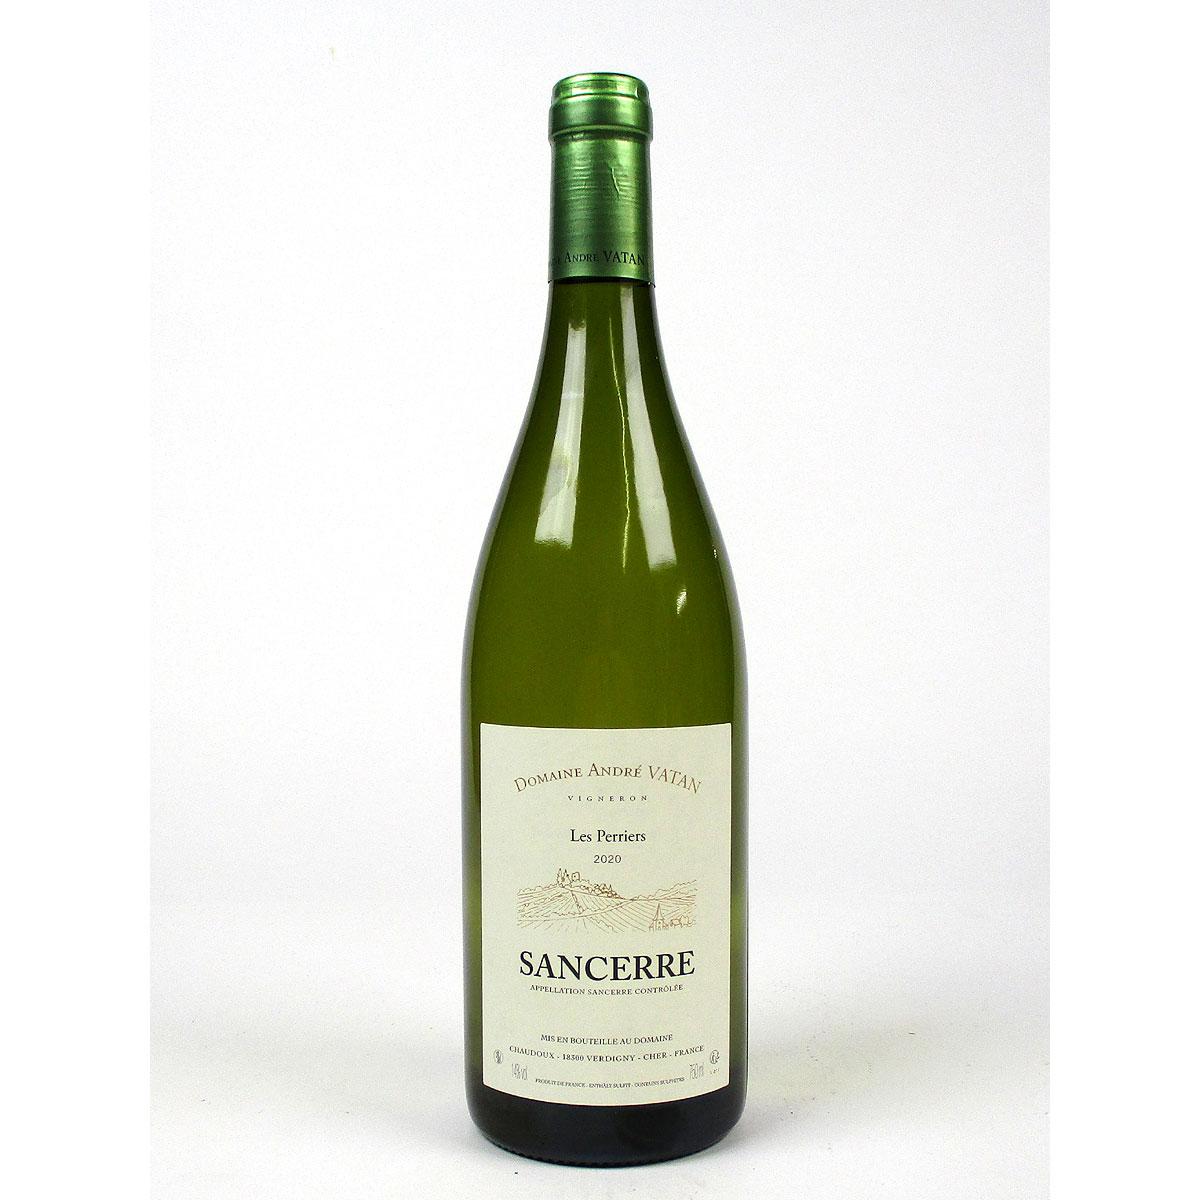 Sancerre: Domaine André Vatan 'Les Perriers' Blanc 2020 - Bottle